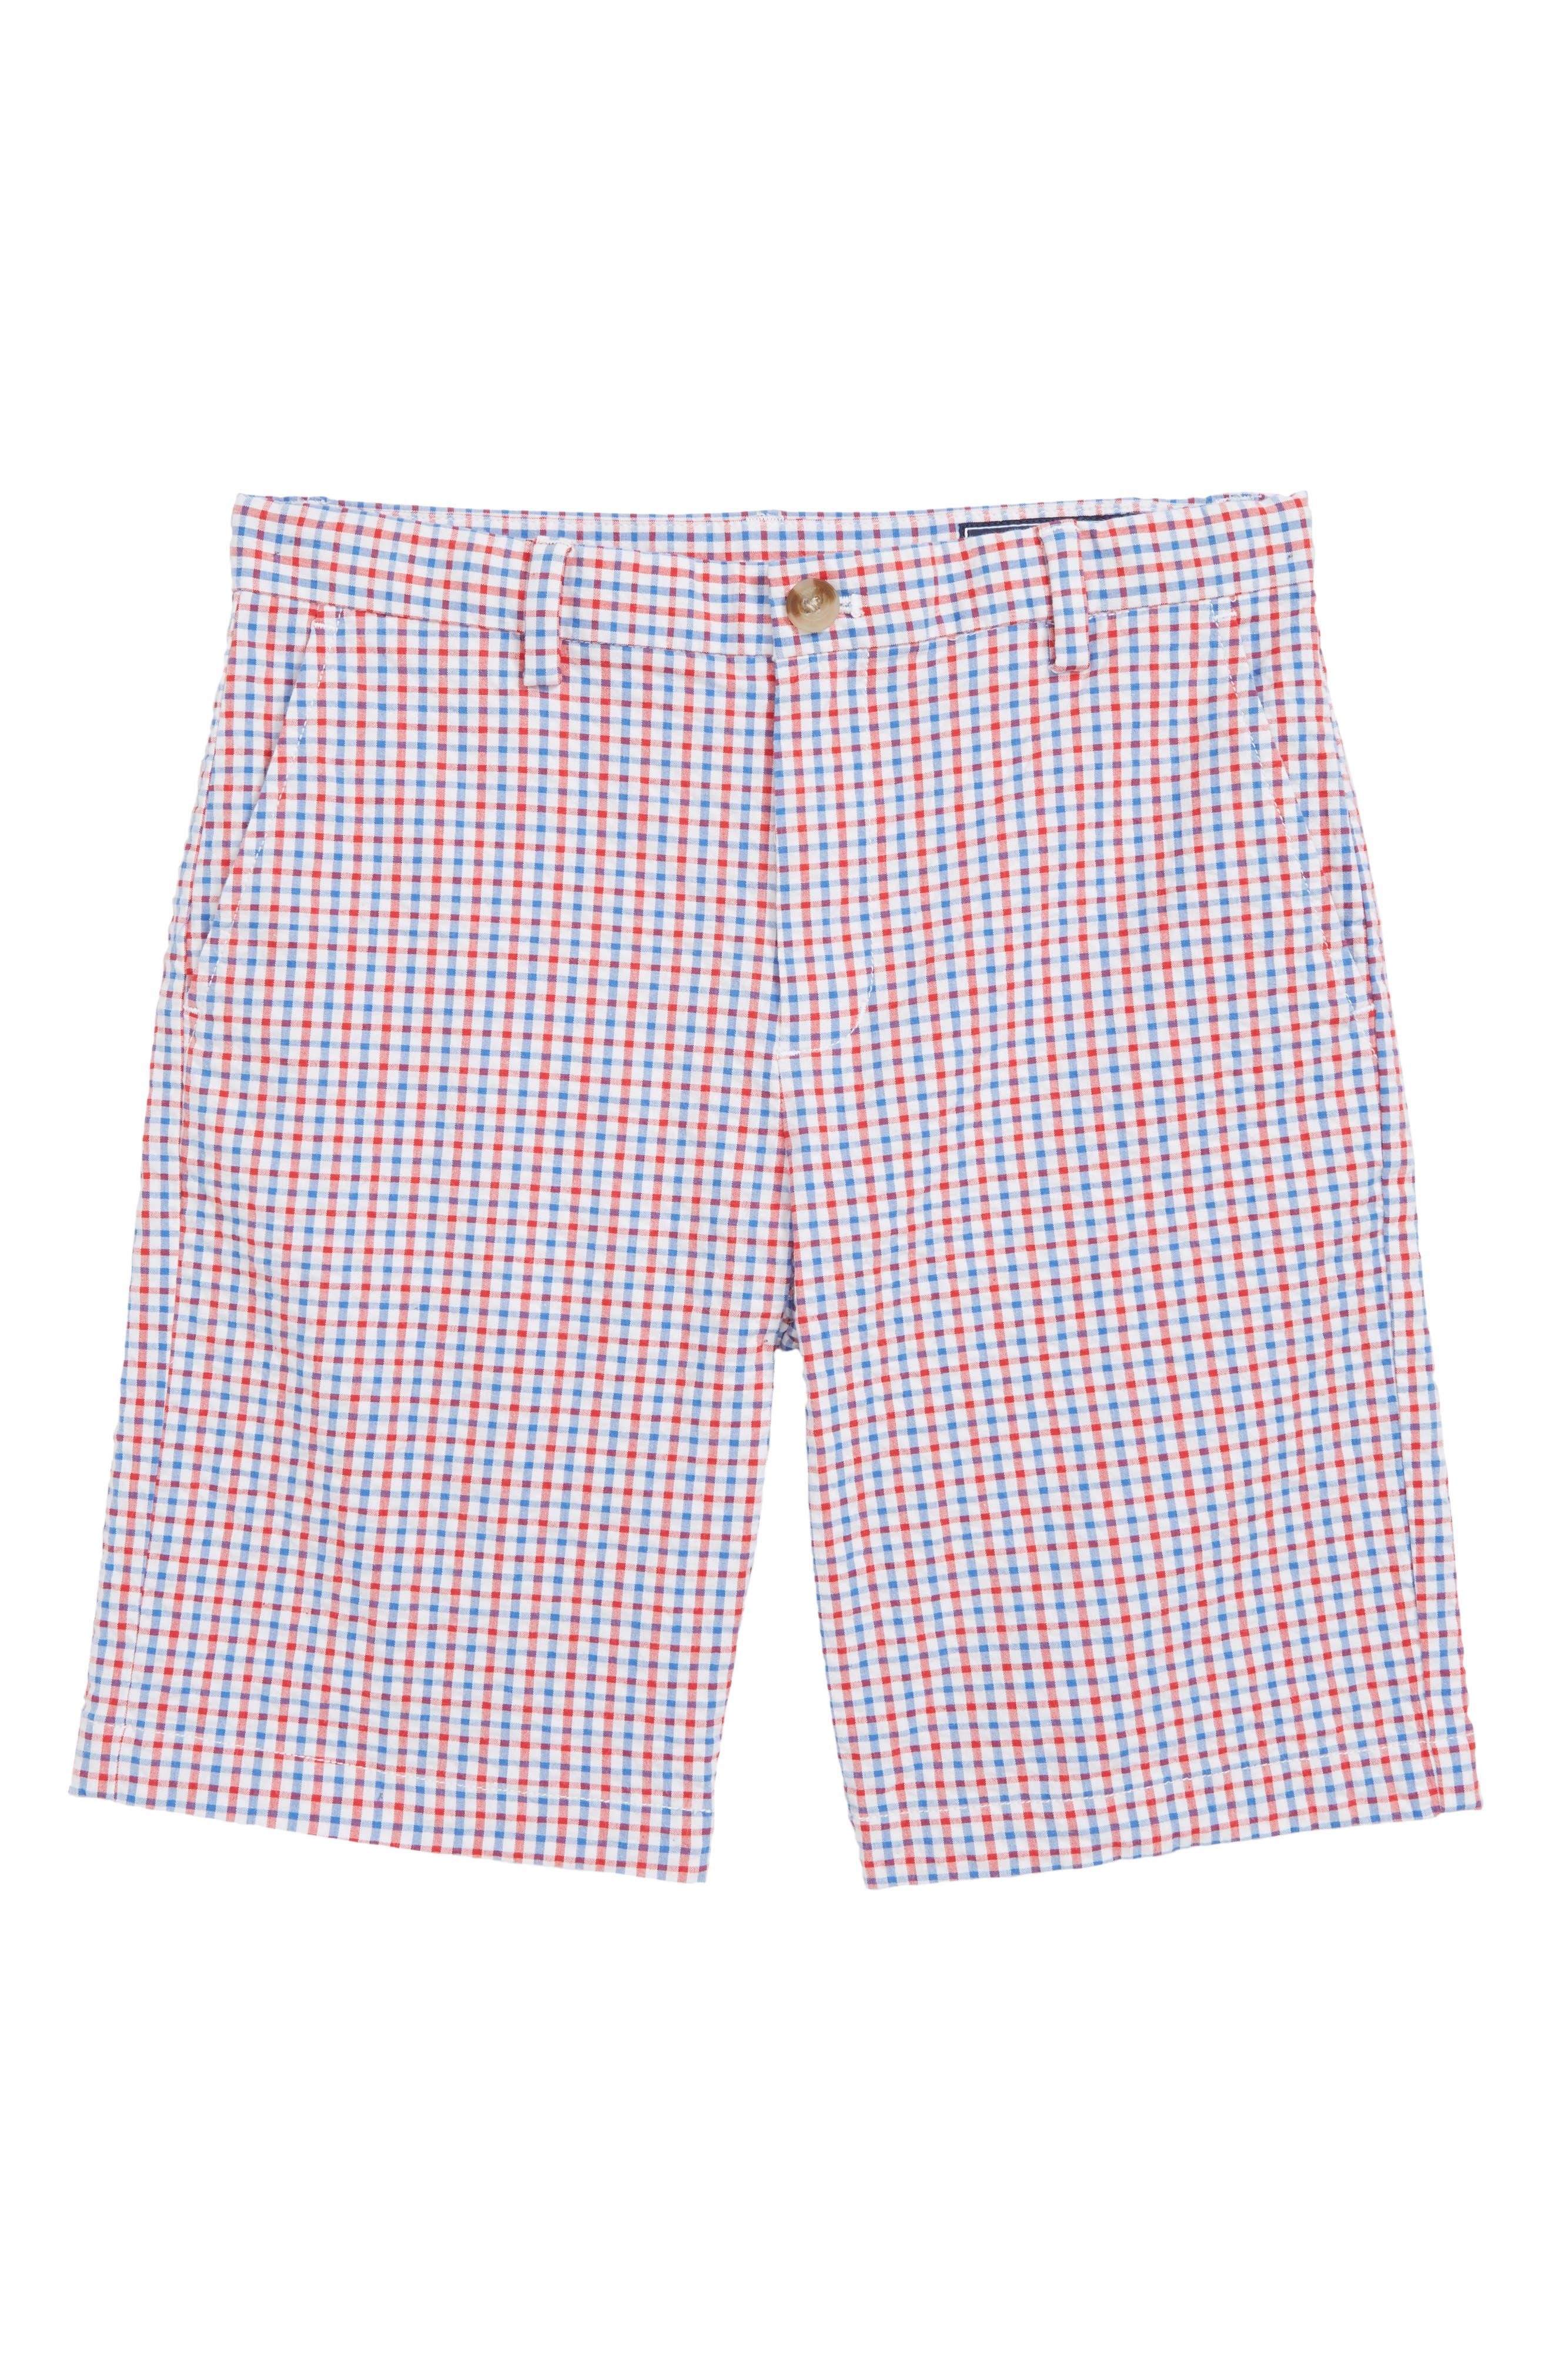 Gingham Seersucker Breaker Shorts,                             Main thumbnail 1, color,                             SPINNAKER